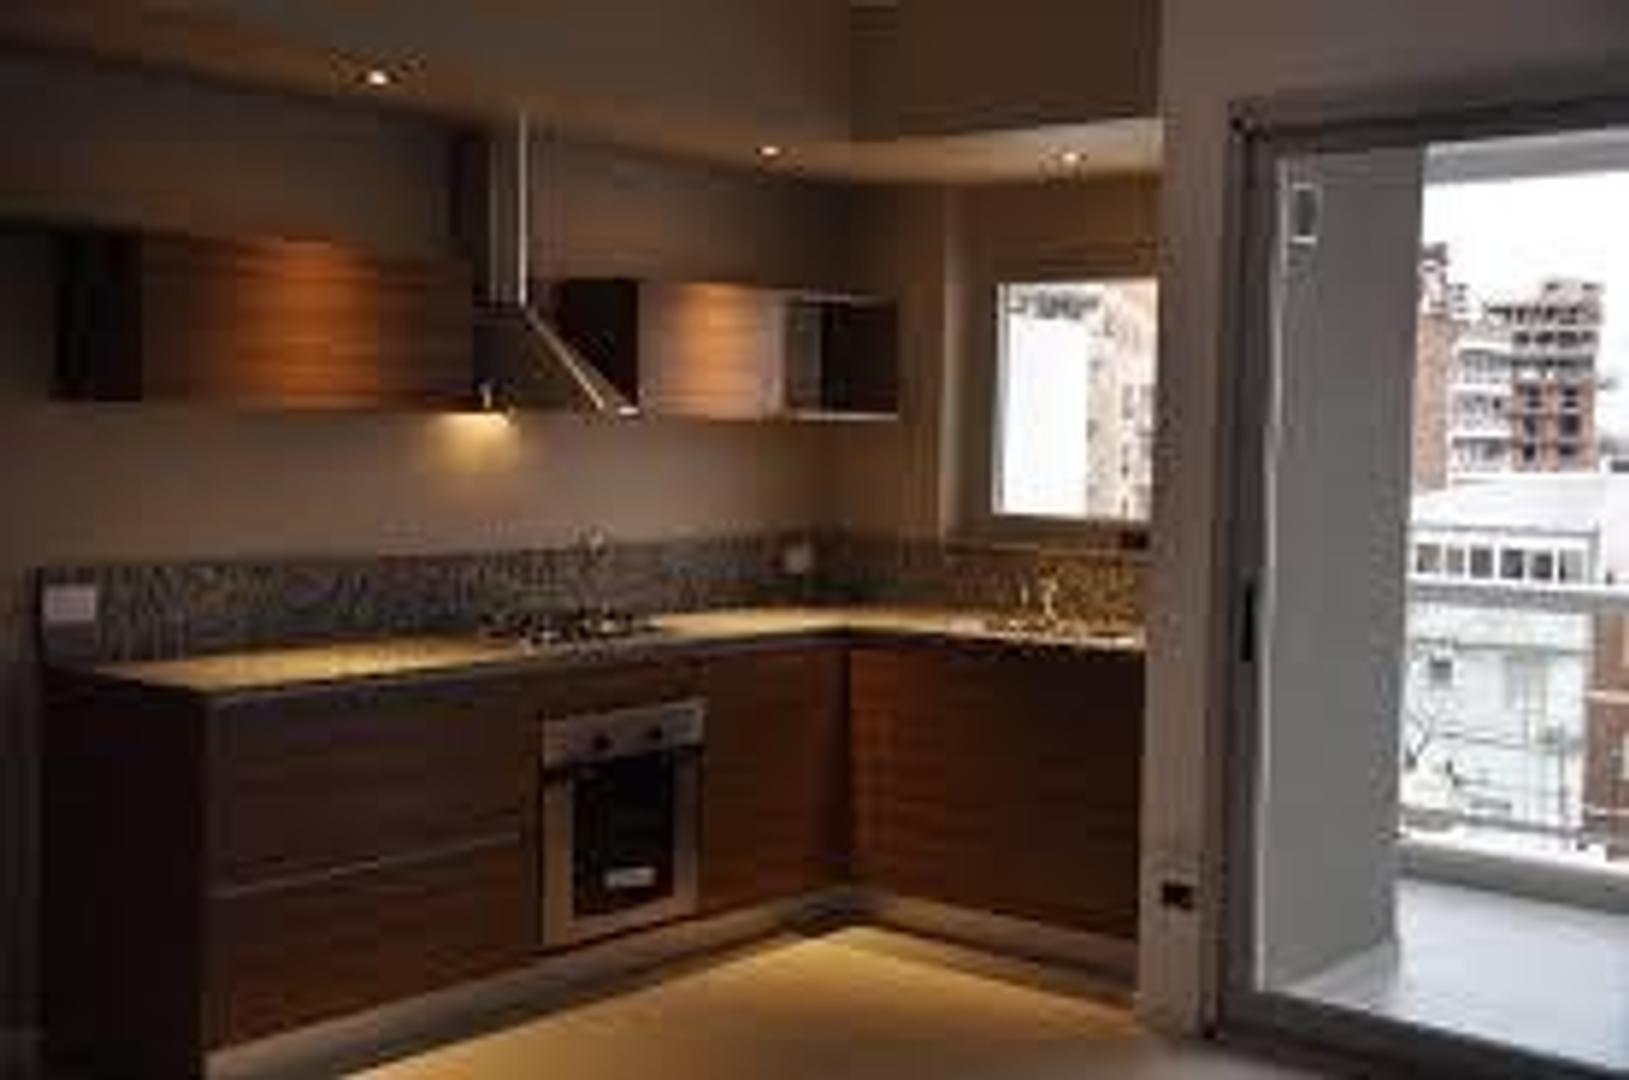 Espectacular departamento de 2 ambientes con renta amenities se vende con renta